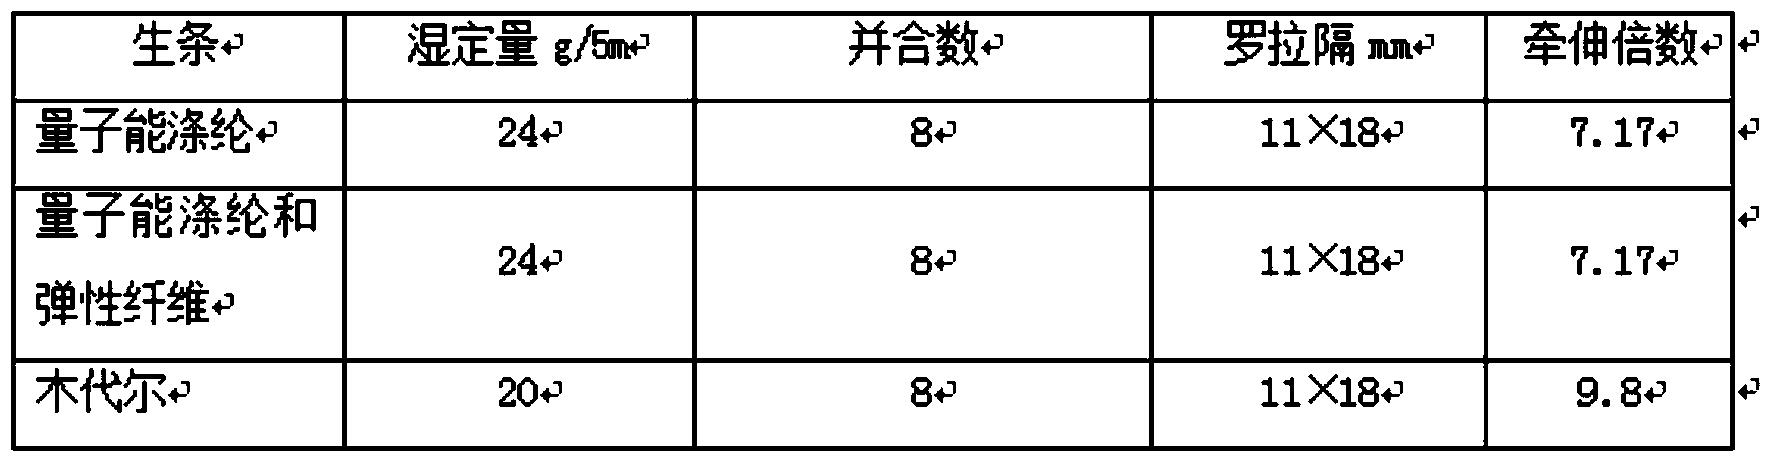 Figure PCTCN2016083541-appb-000001